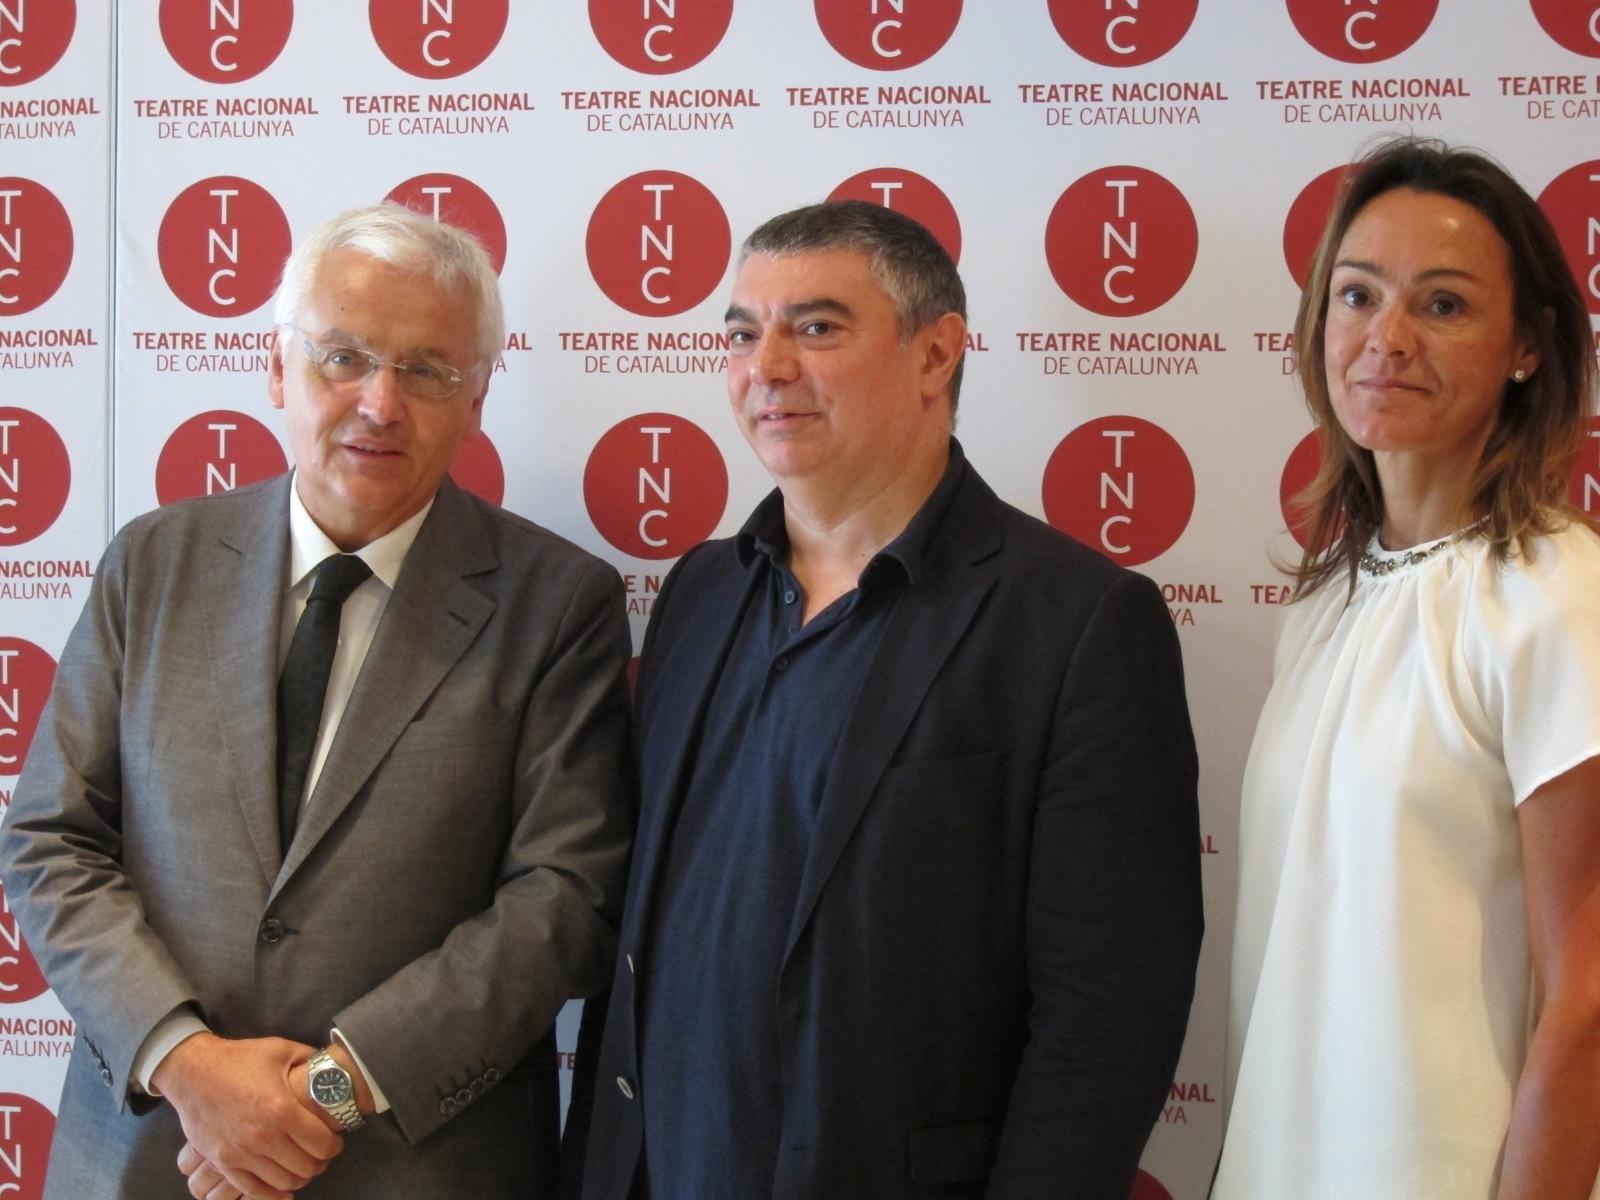 El TNC recupera a su fundador Josep Maria Flotats y baja un 25% los precios